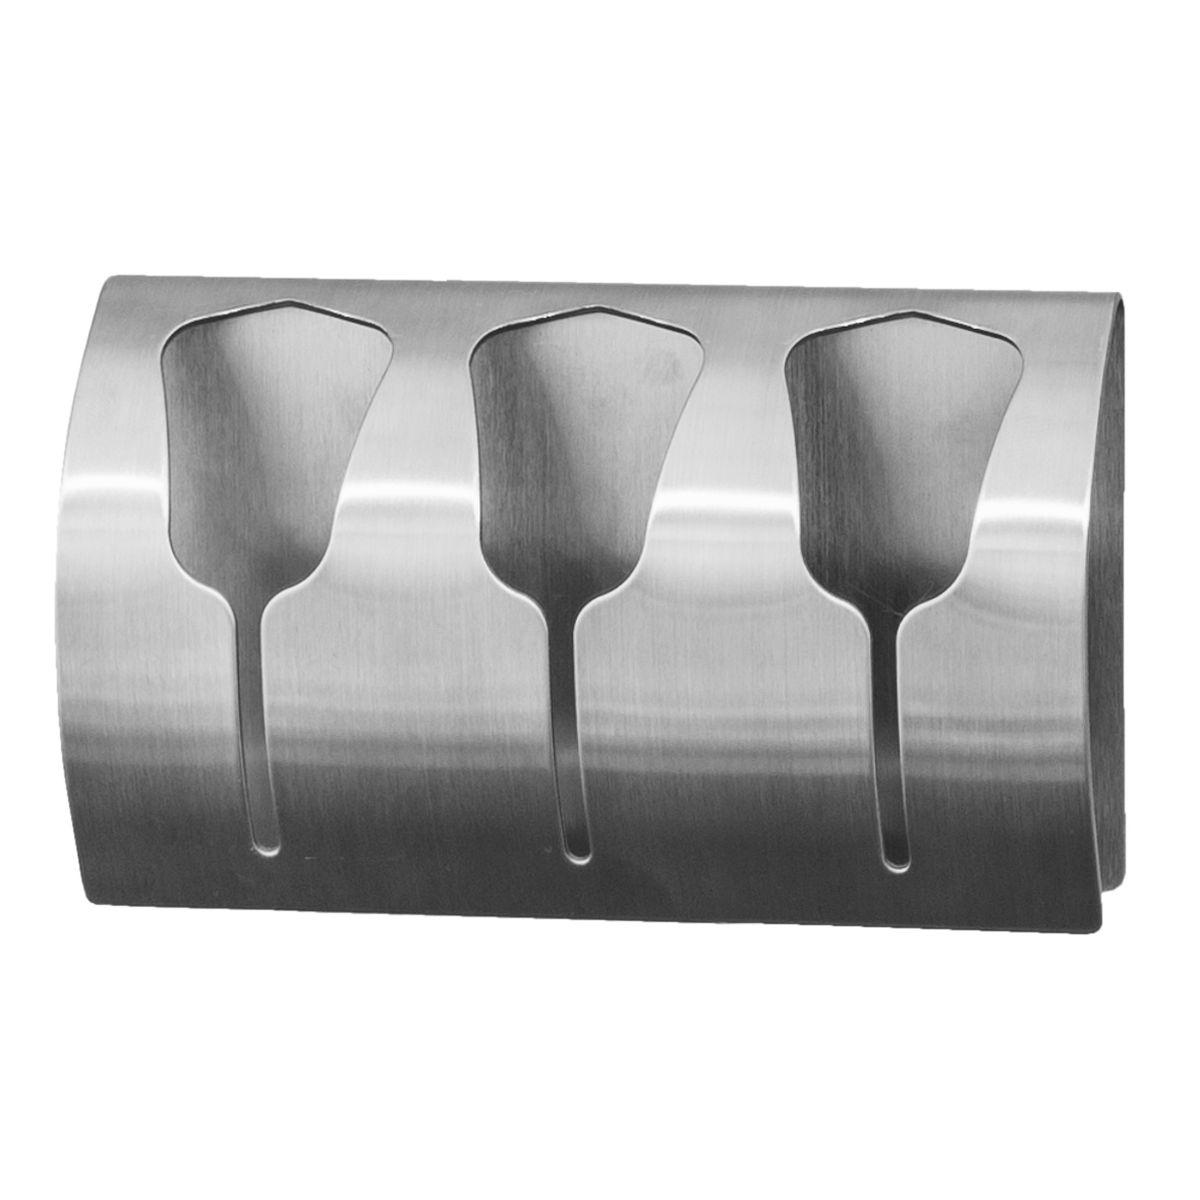 Вешалка Tatkraft Bell, самоклеящийся, для 3 полотенец вешалка для полотенец tatkraft mega lock